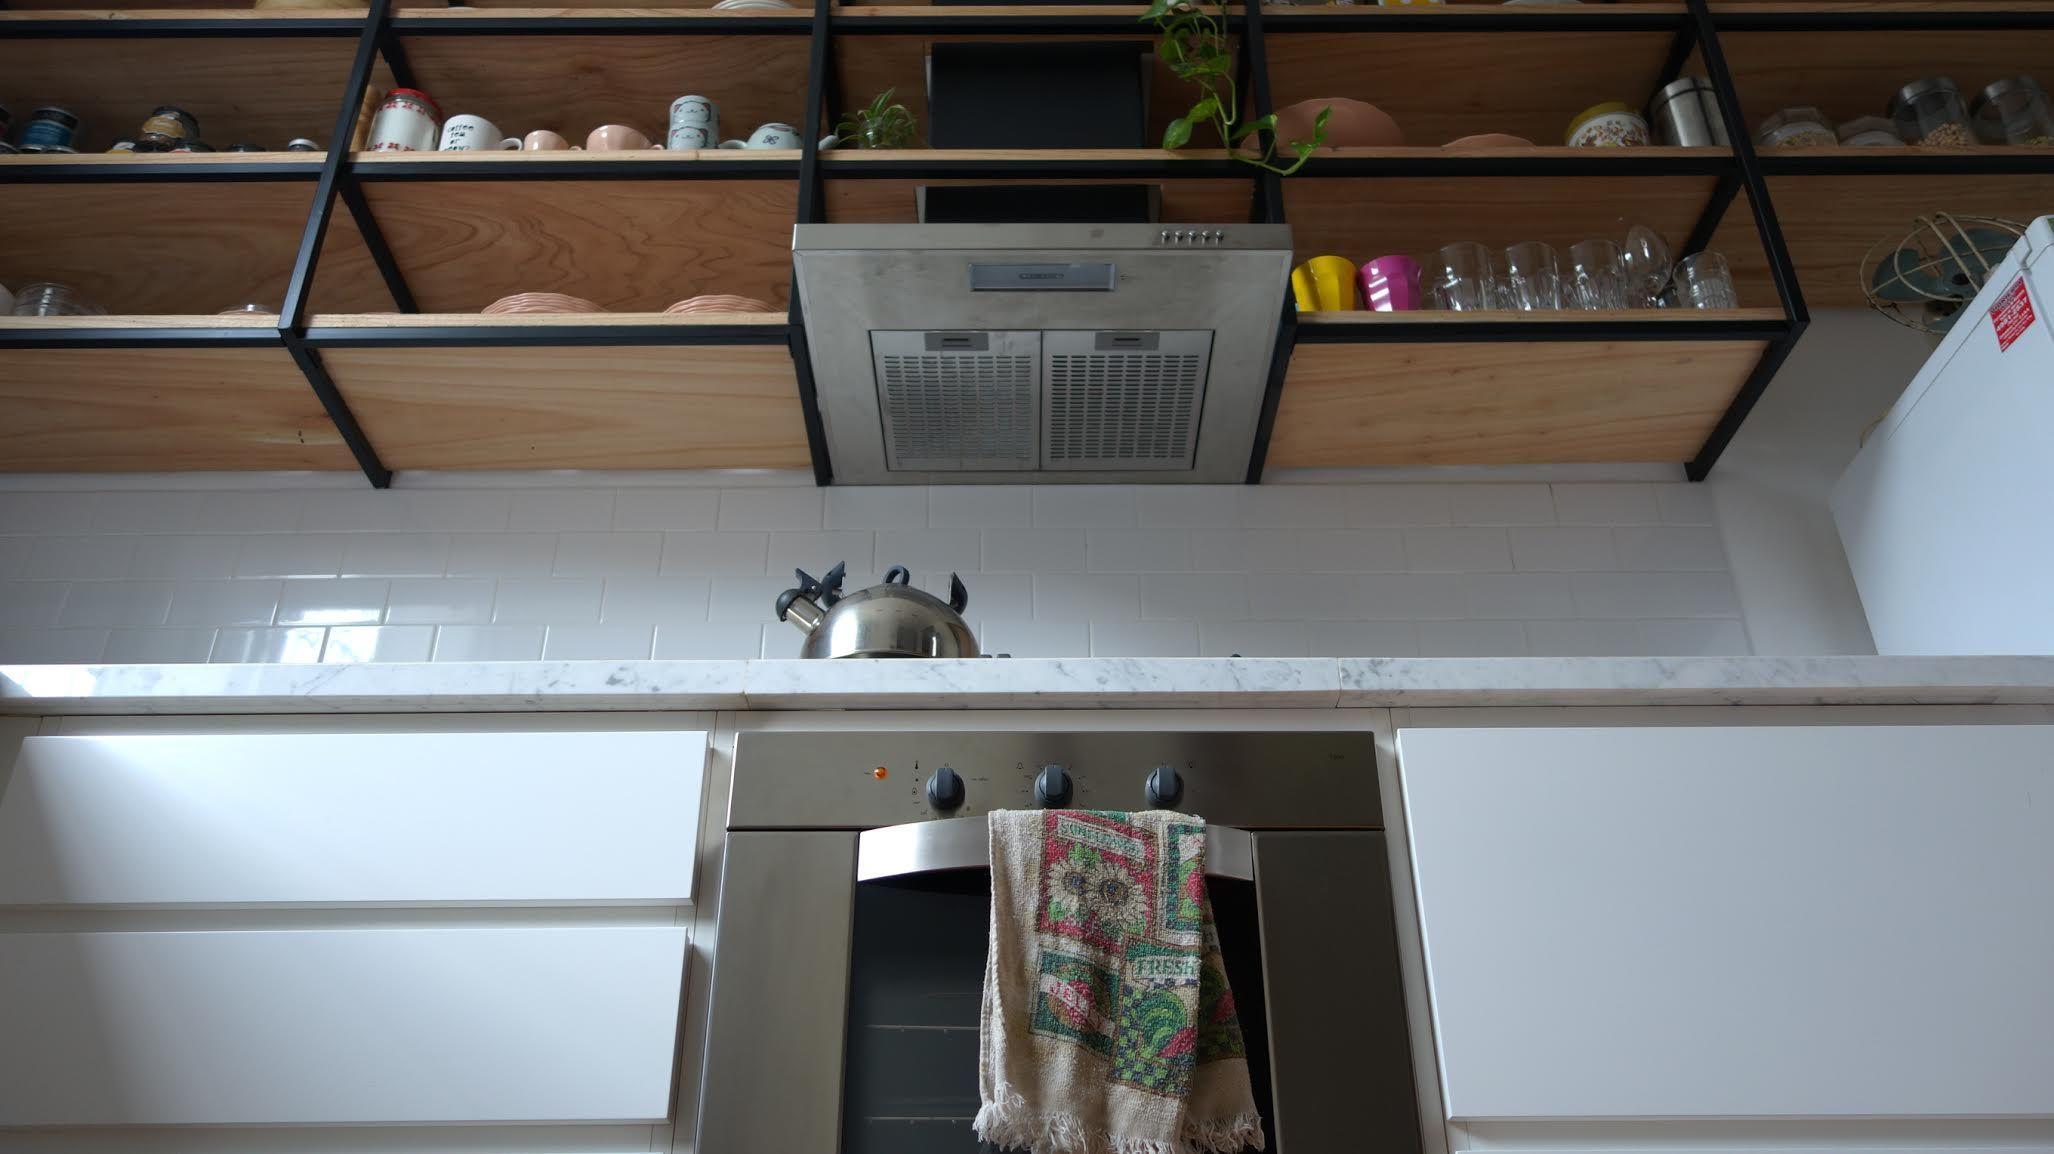 Cocina Con Piso De Madera Mesada De Carrara Muebles Laqueados Y  # Guarda Muebles Boedo